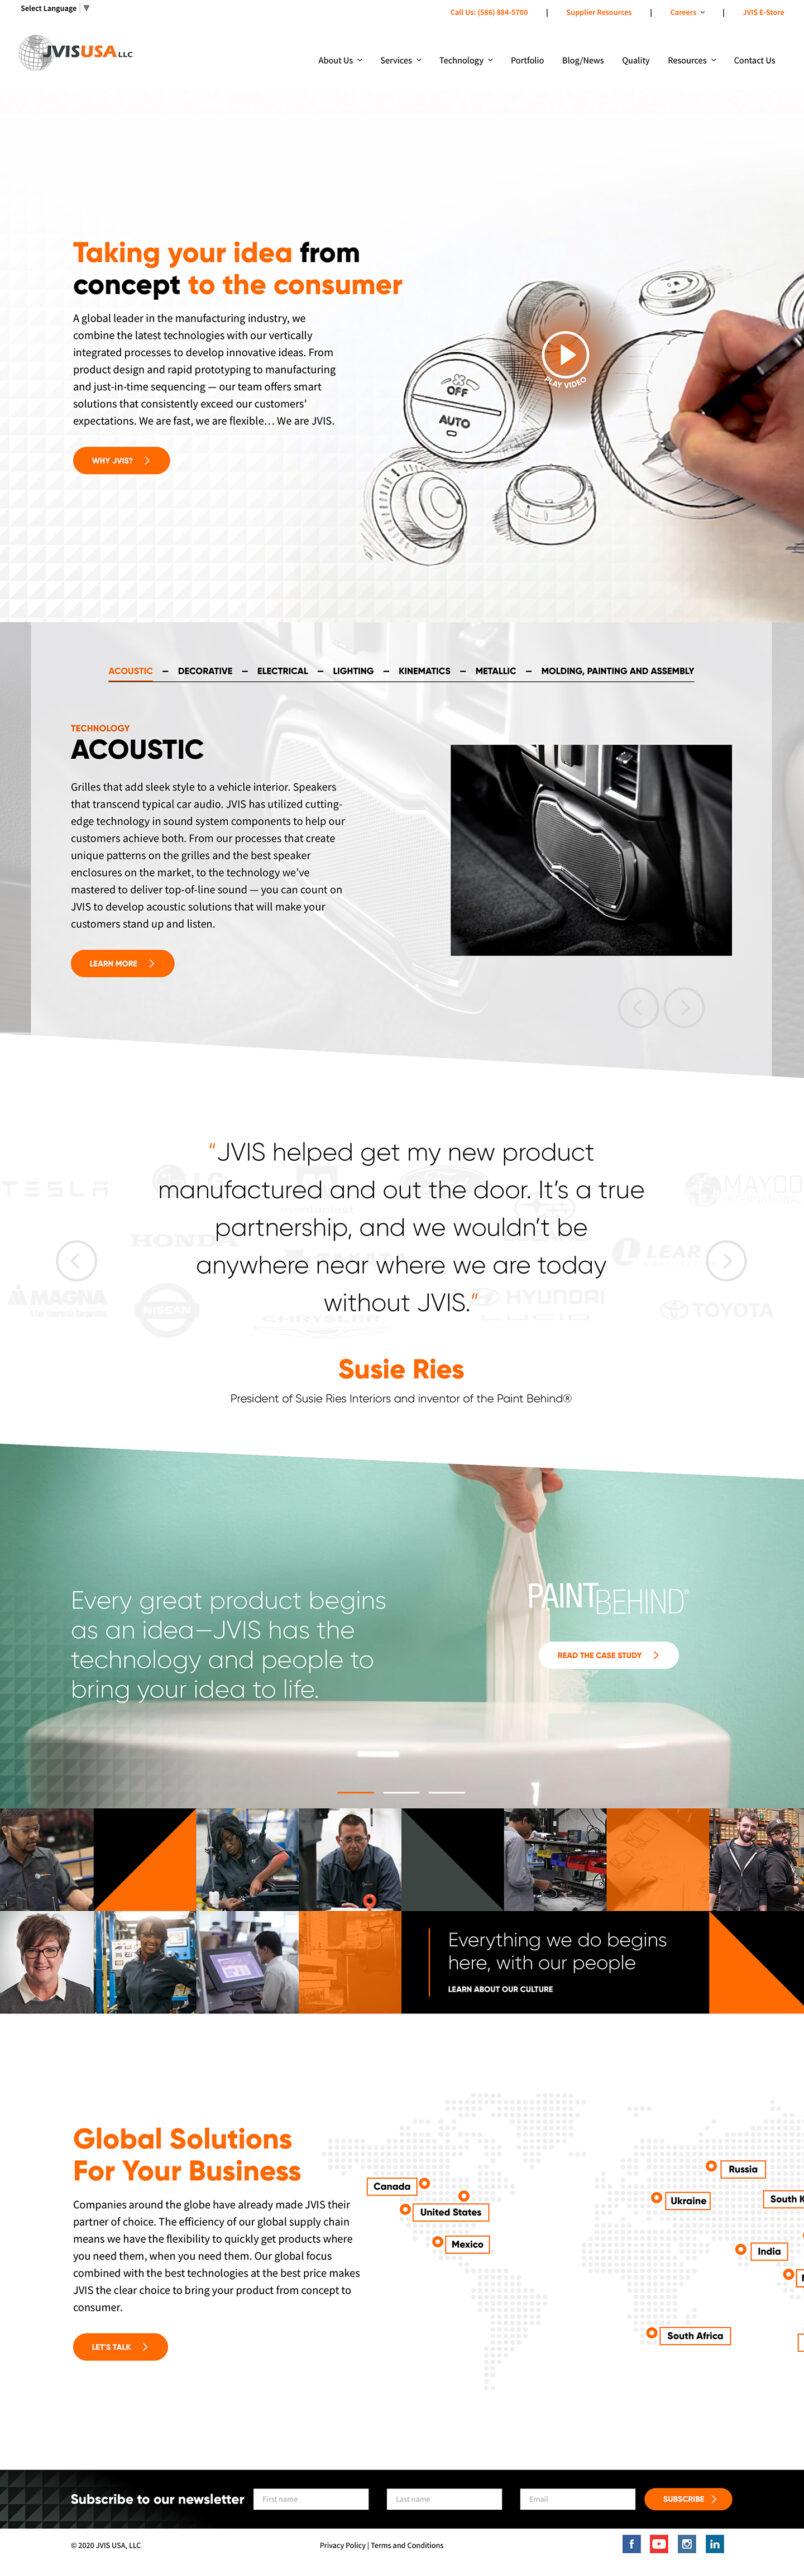 JVIS Automotive Manufacturer Home Page